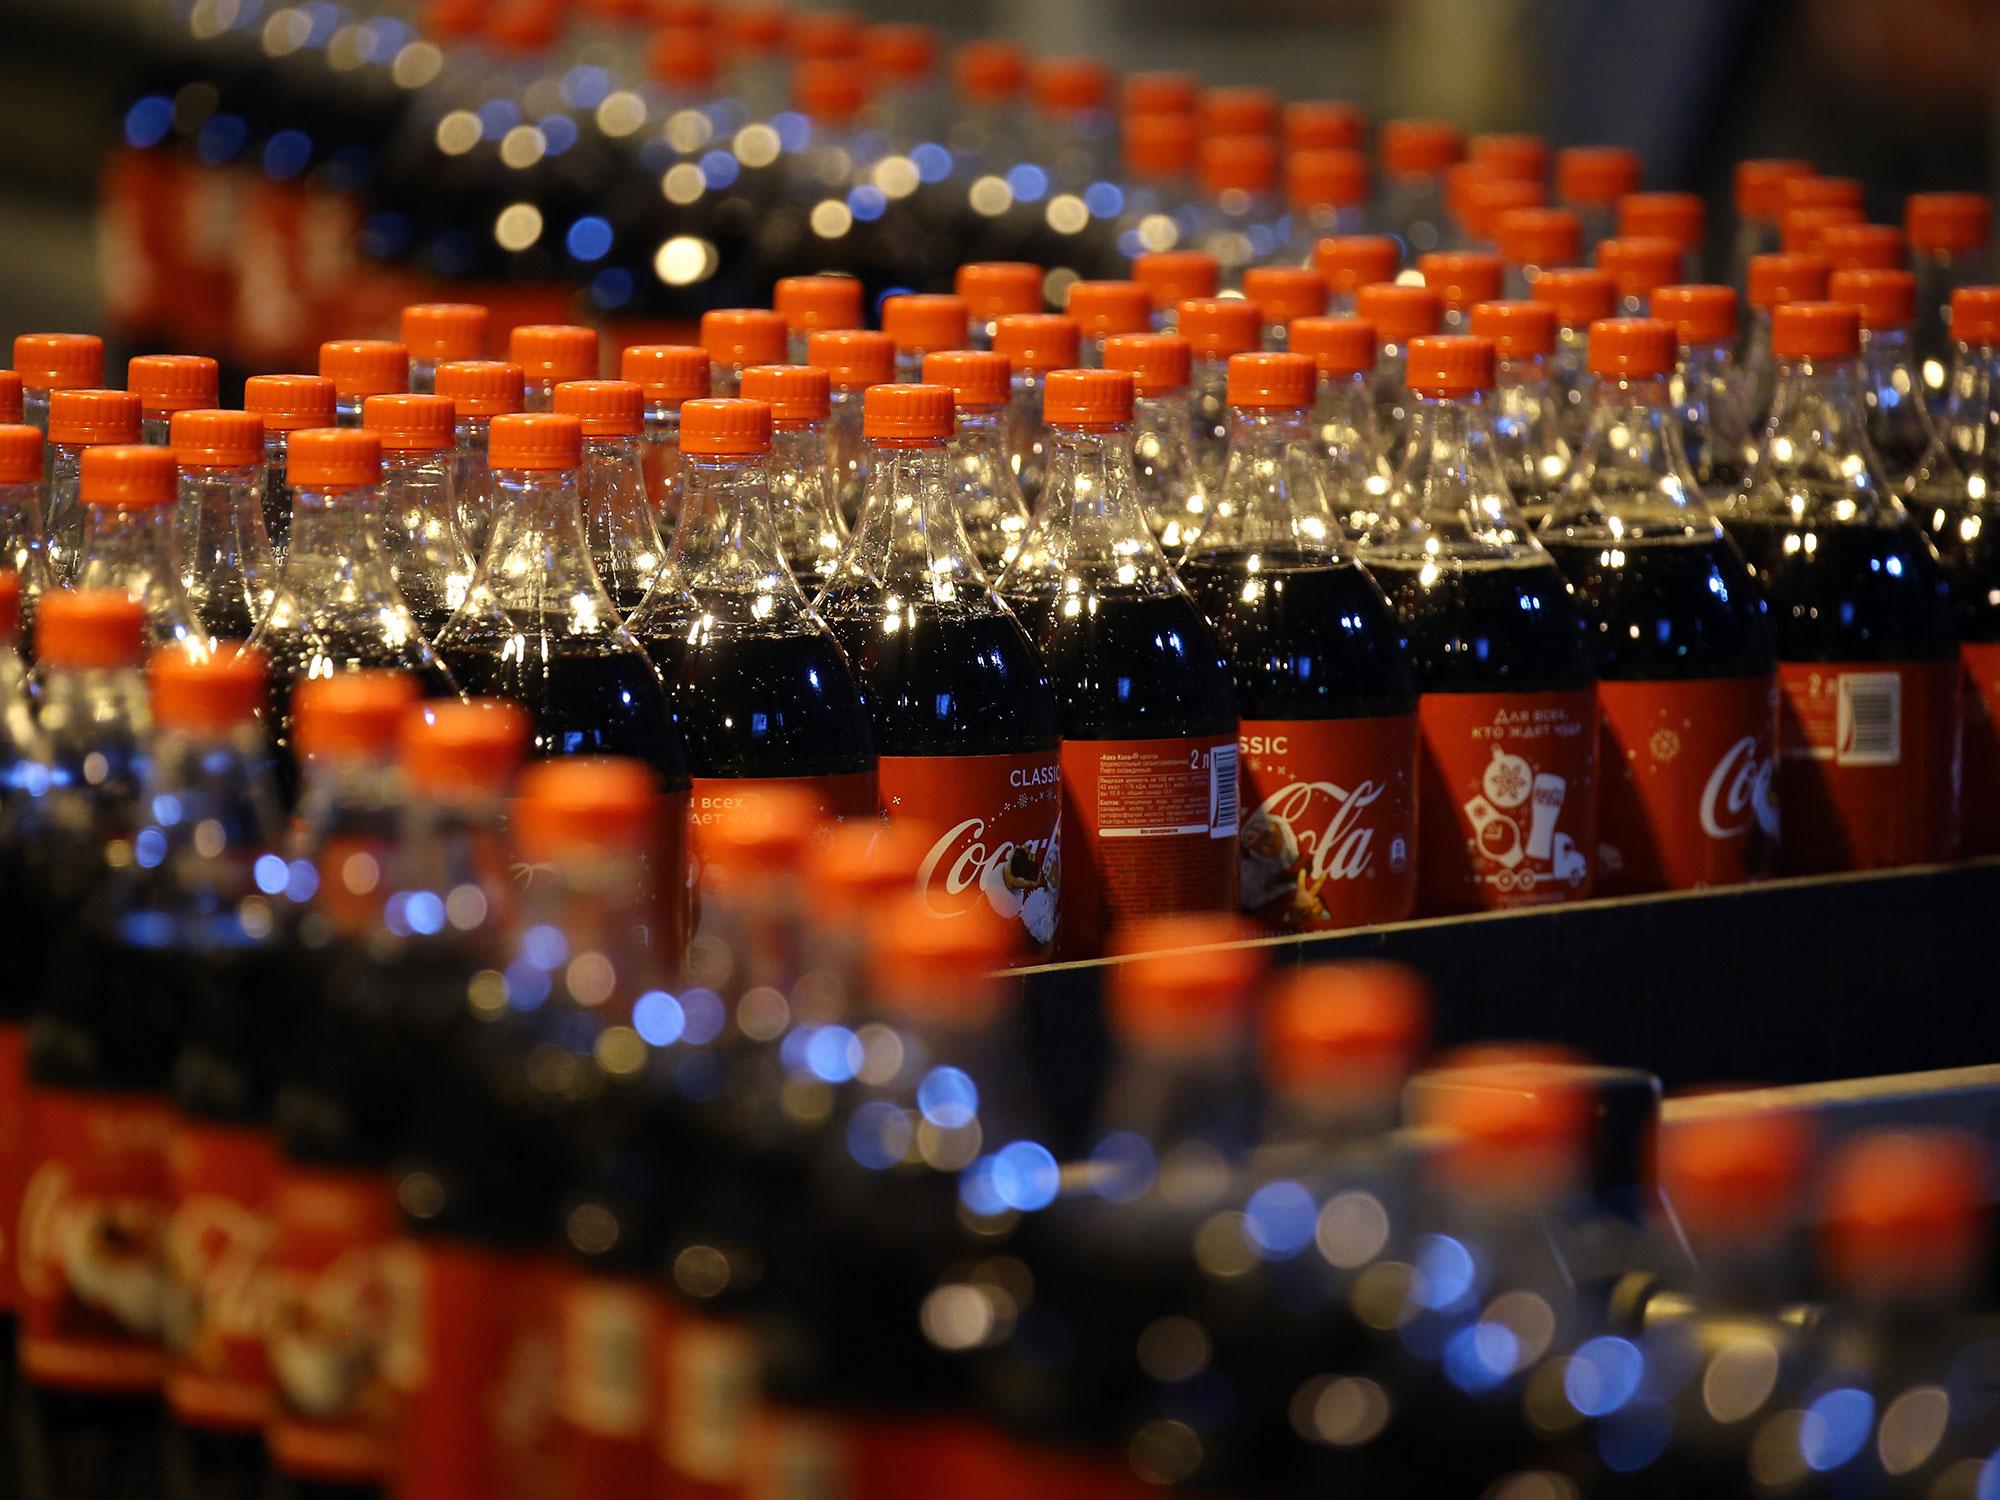 coke-bottles.jpg